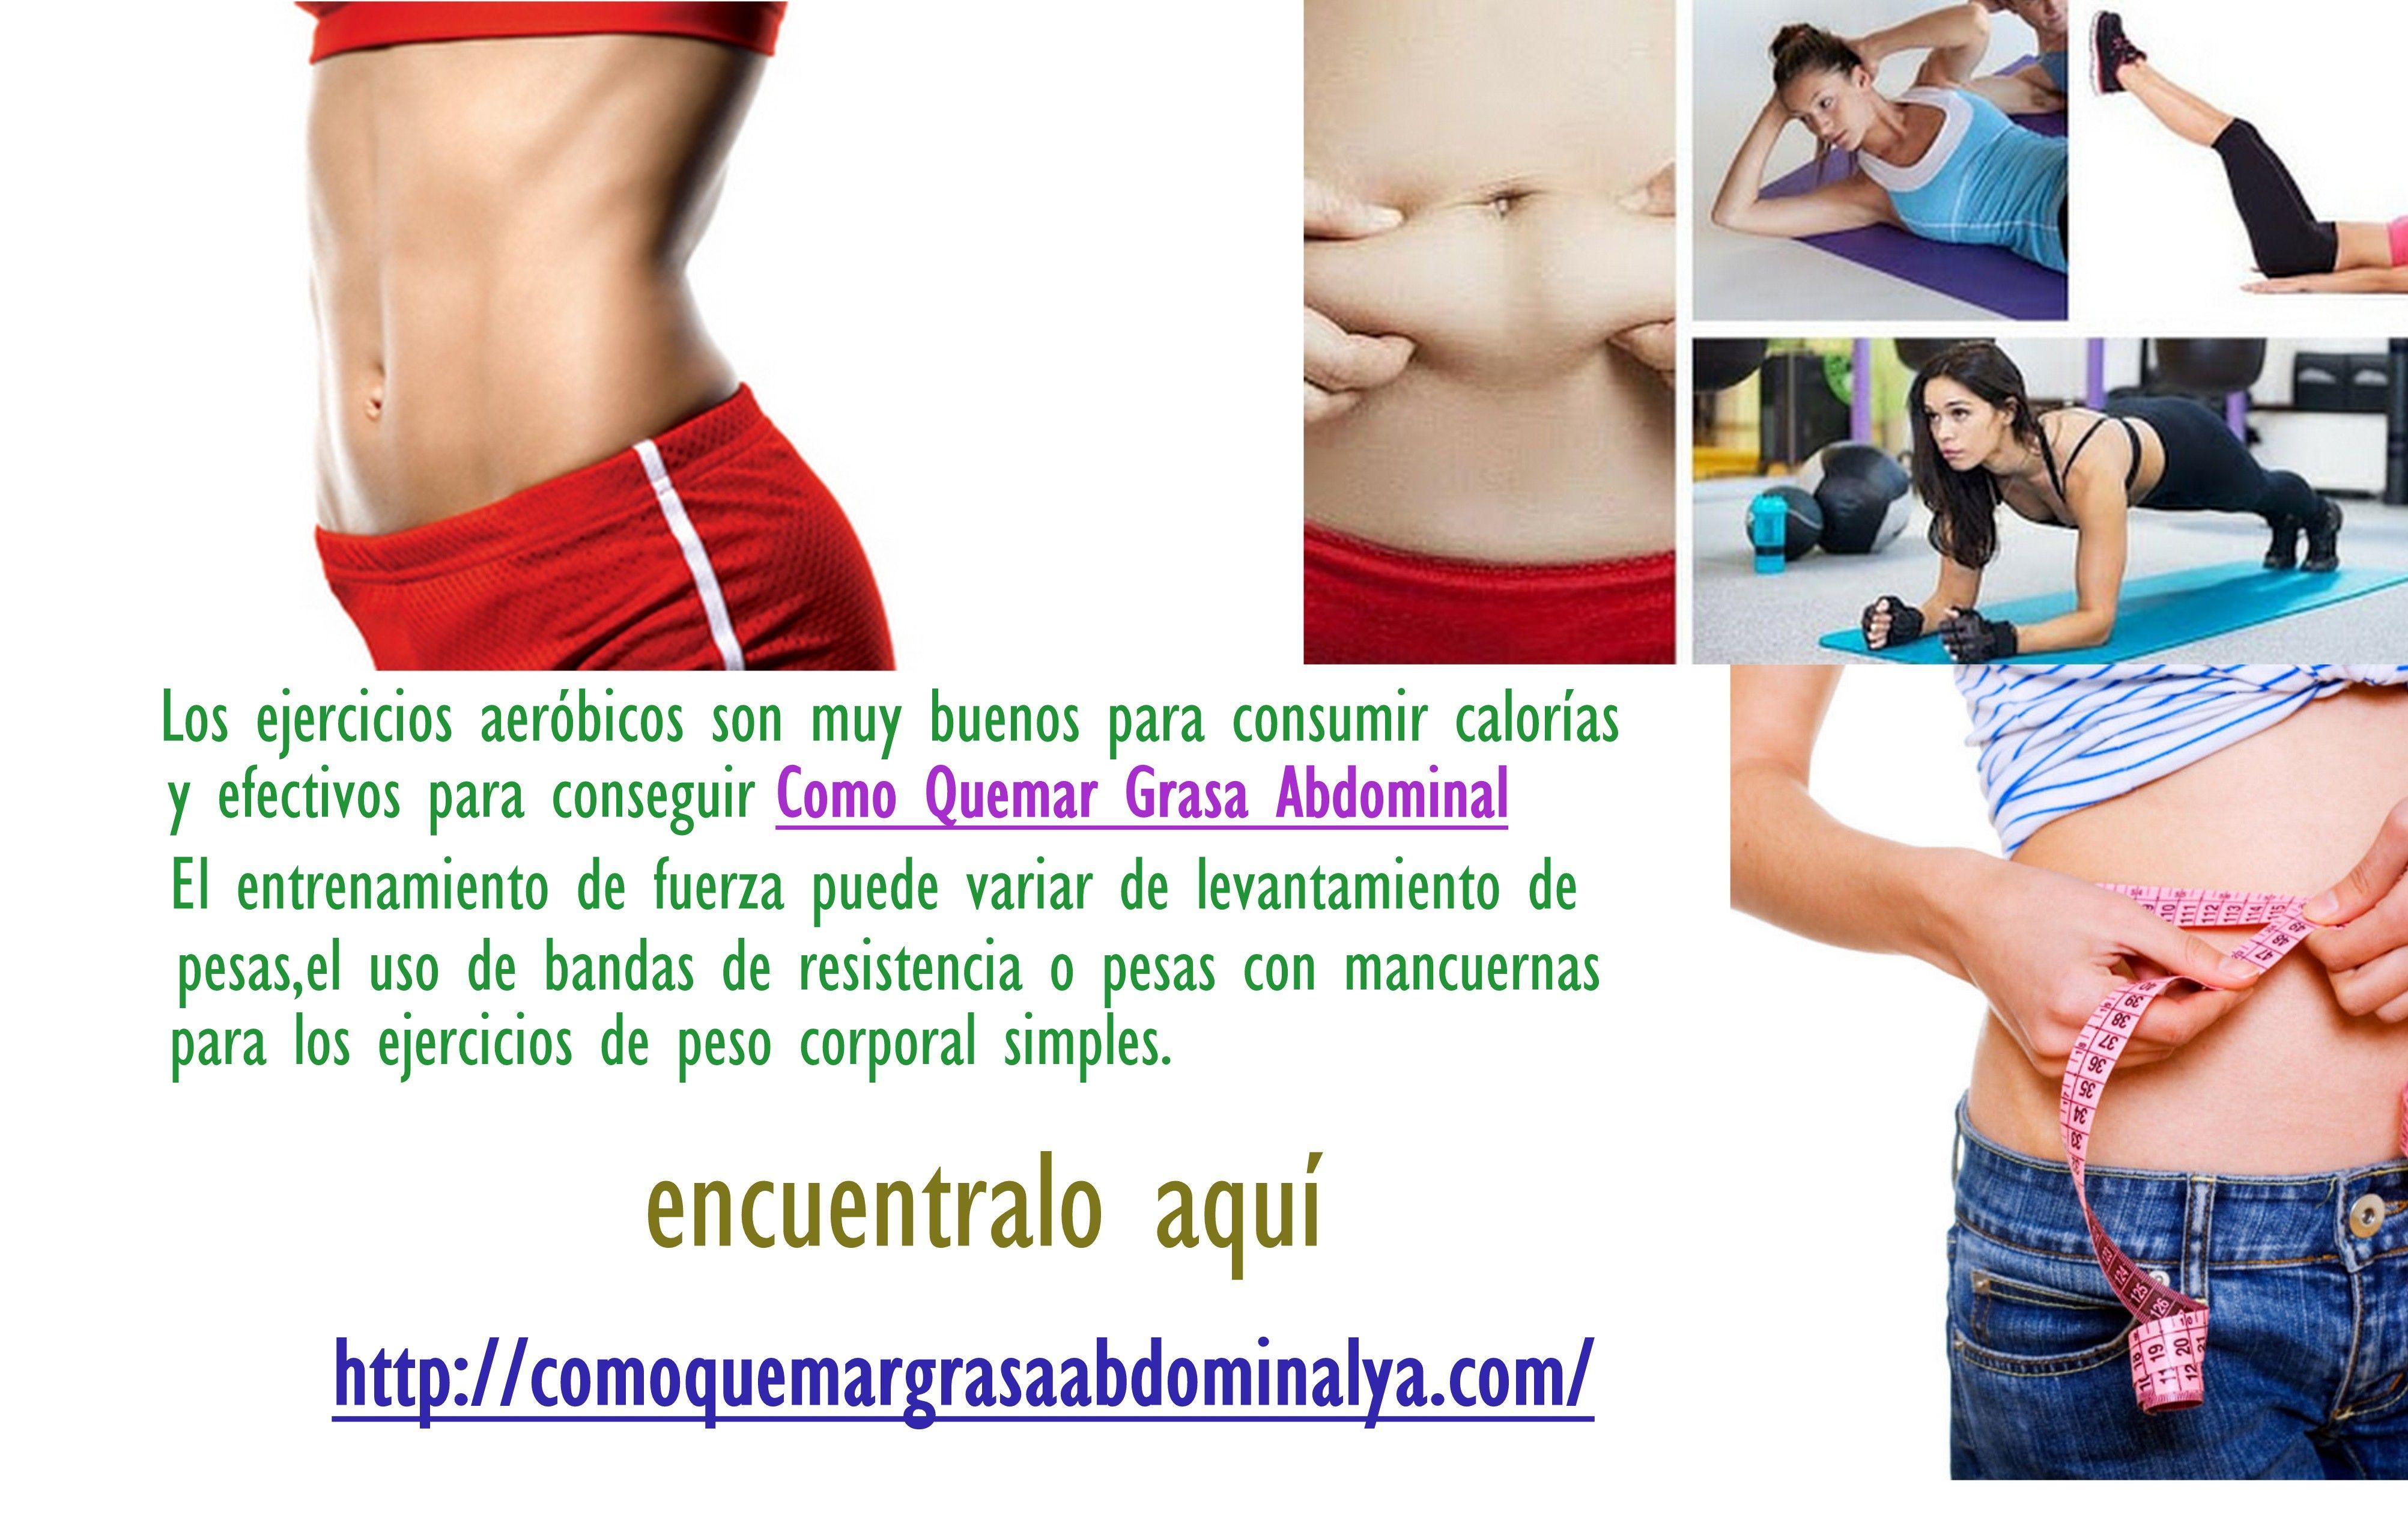 Es importante tener fuertes los músculos de la espalda y abdominales ...